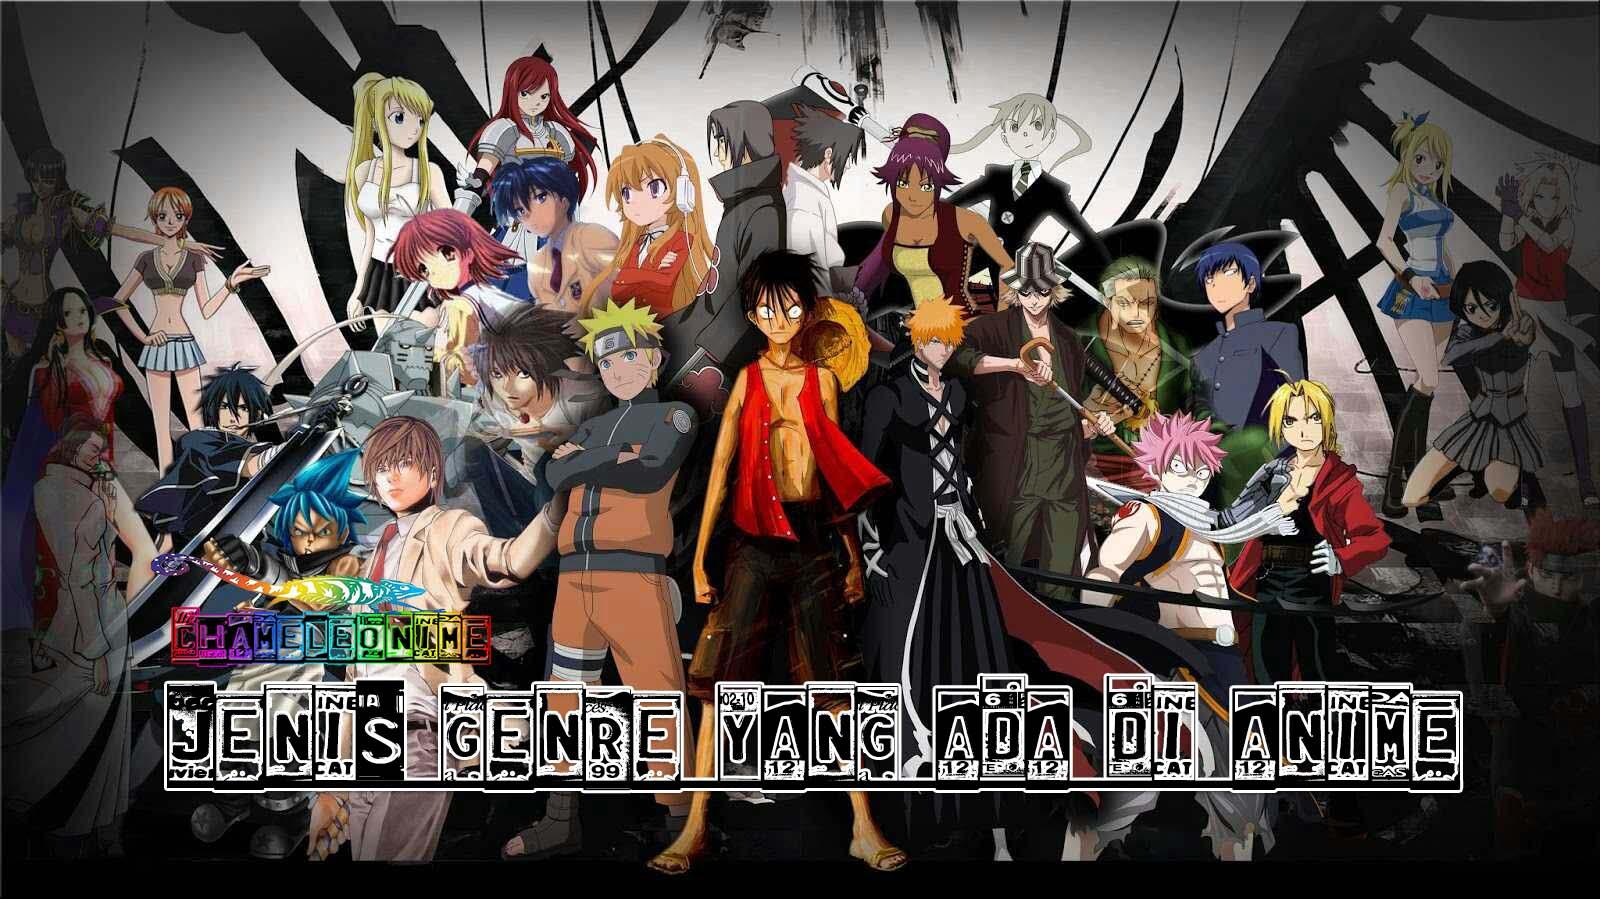 Pengertian Dan Jenis Genre Dalam Anime Lengkap Chameleonime